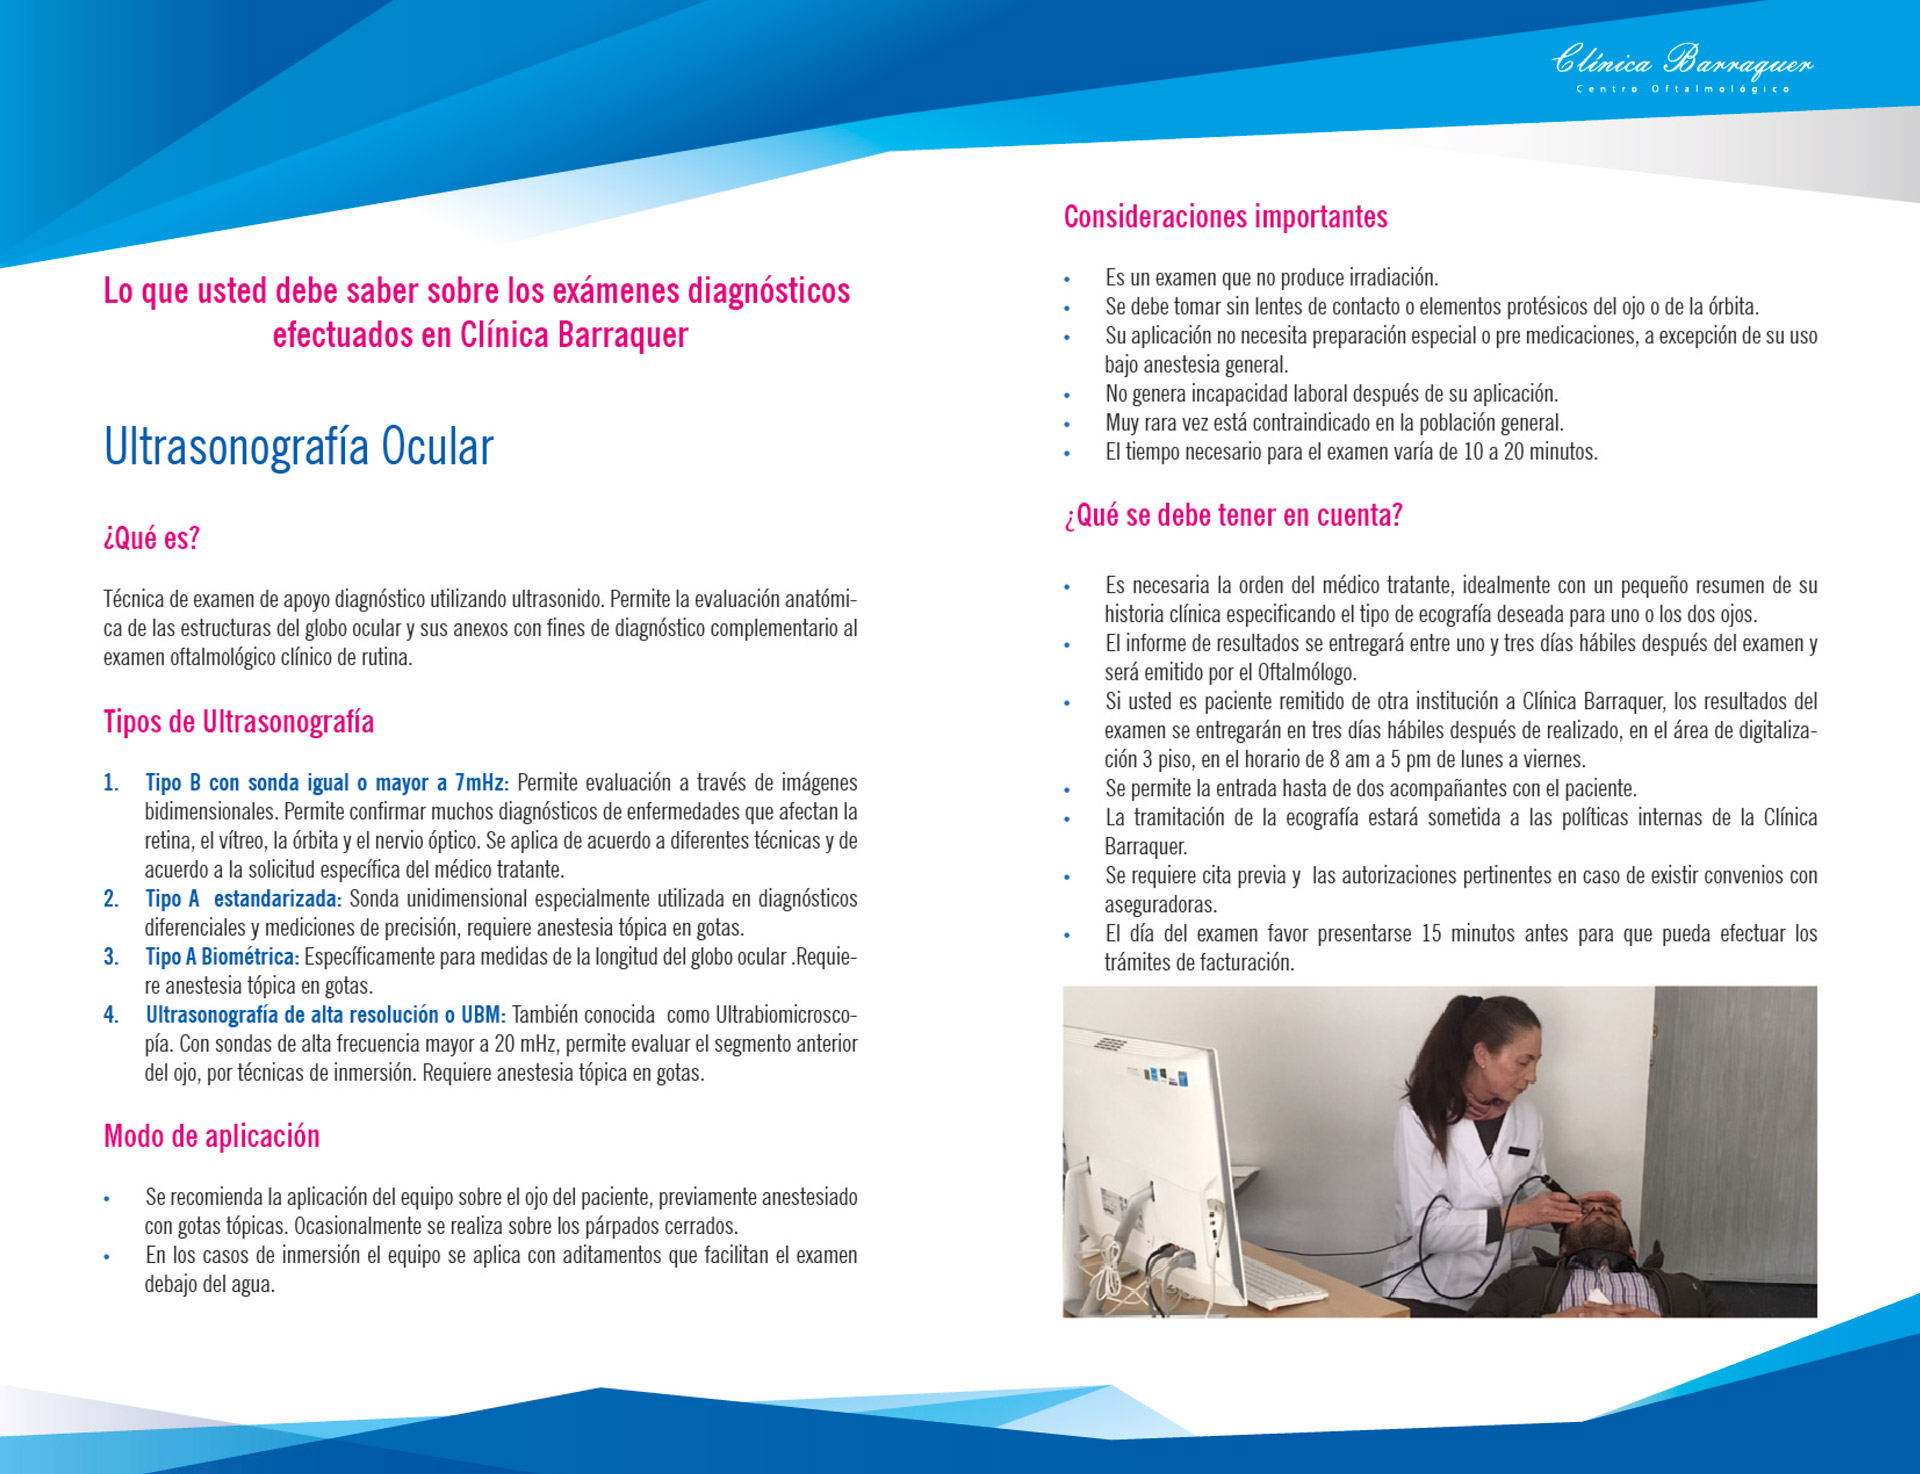 Ultrasonografía Ocular